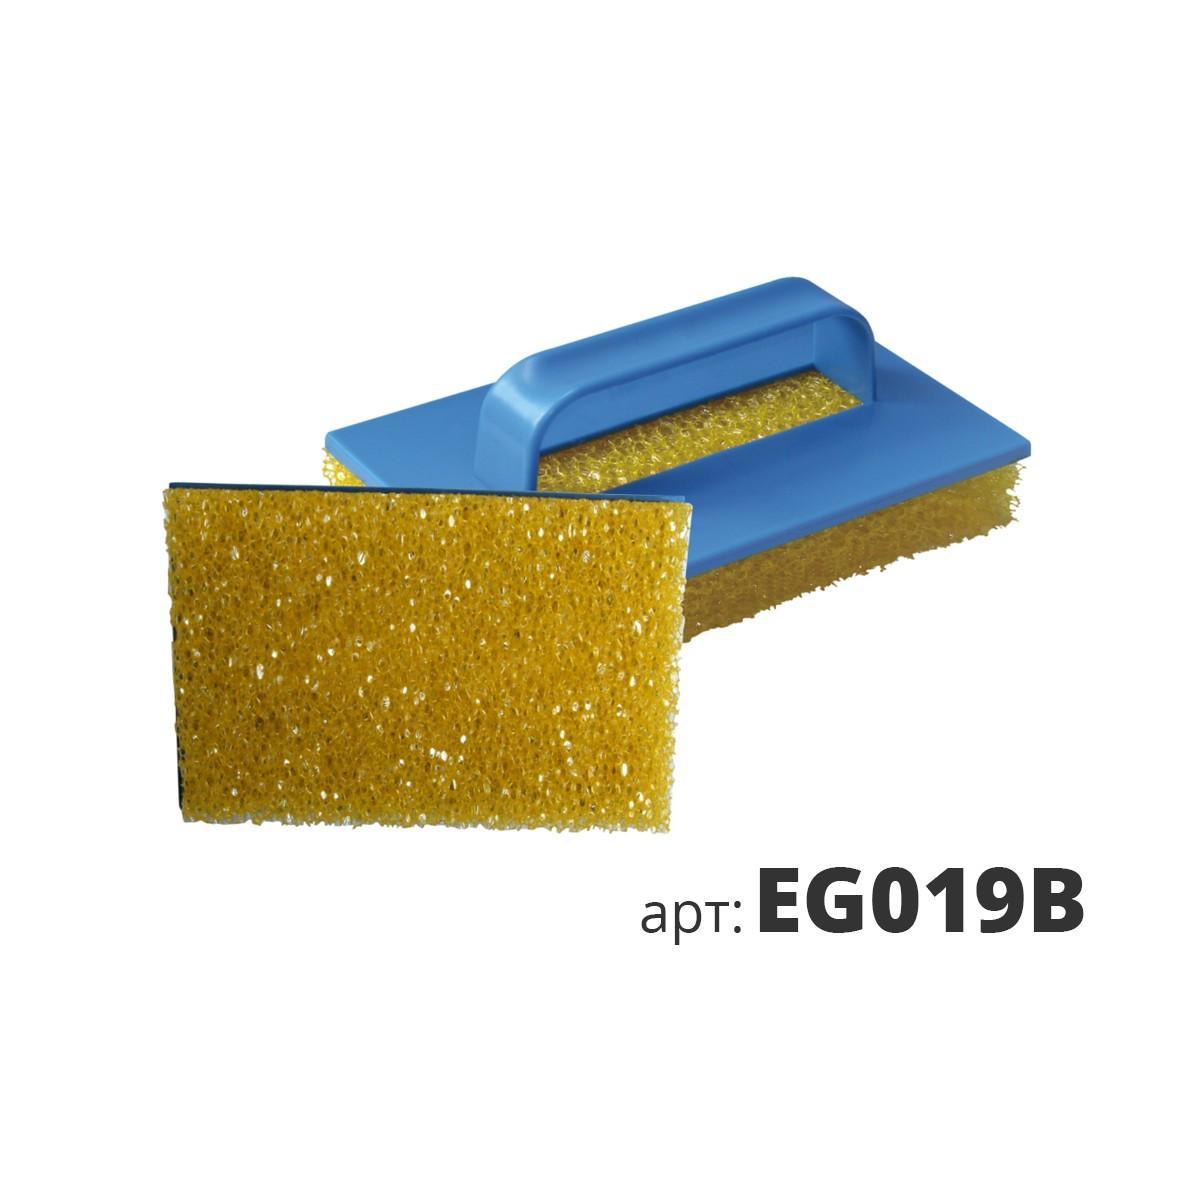 Структурная желтая грубая губка с пластиковой ручкой EG019B